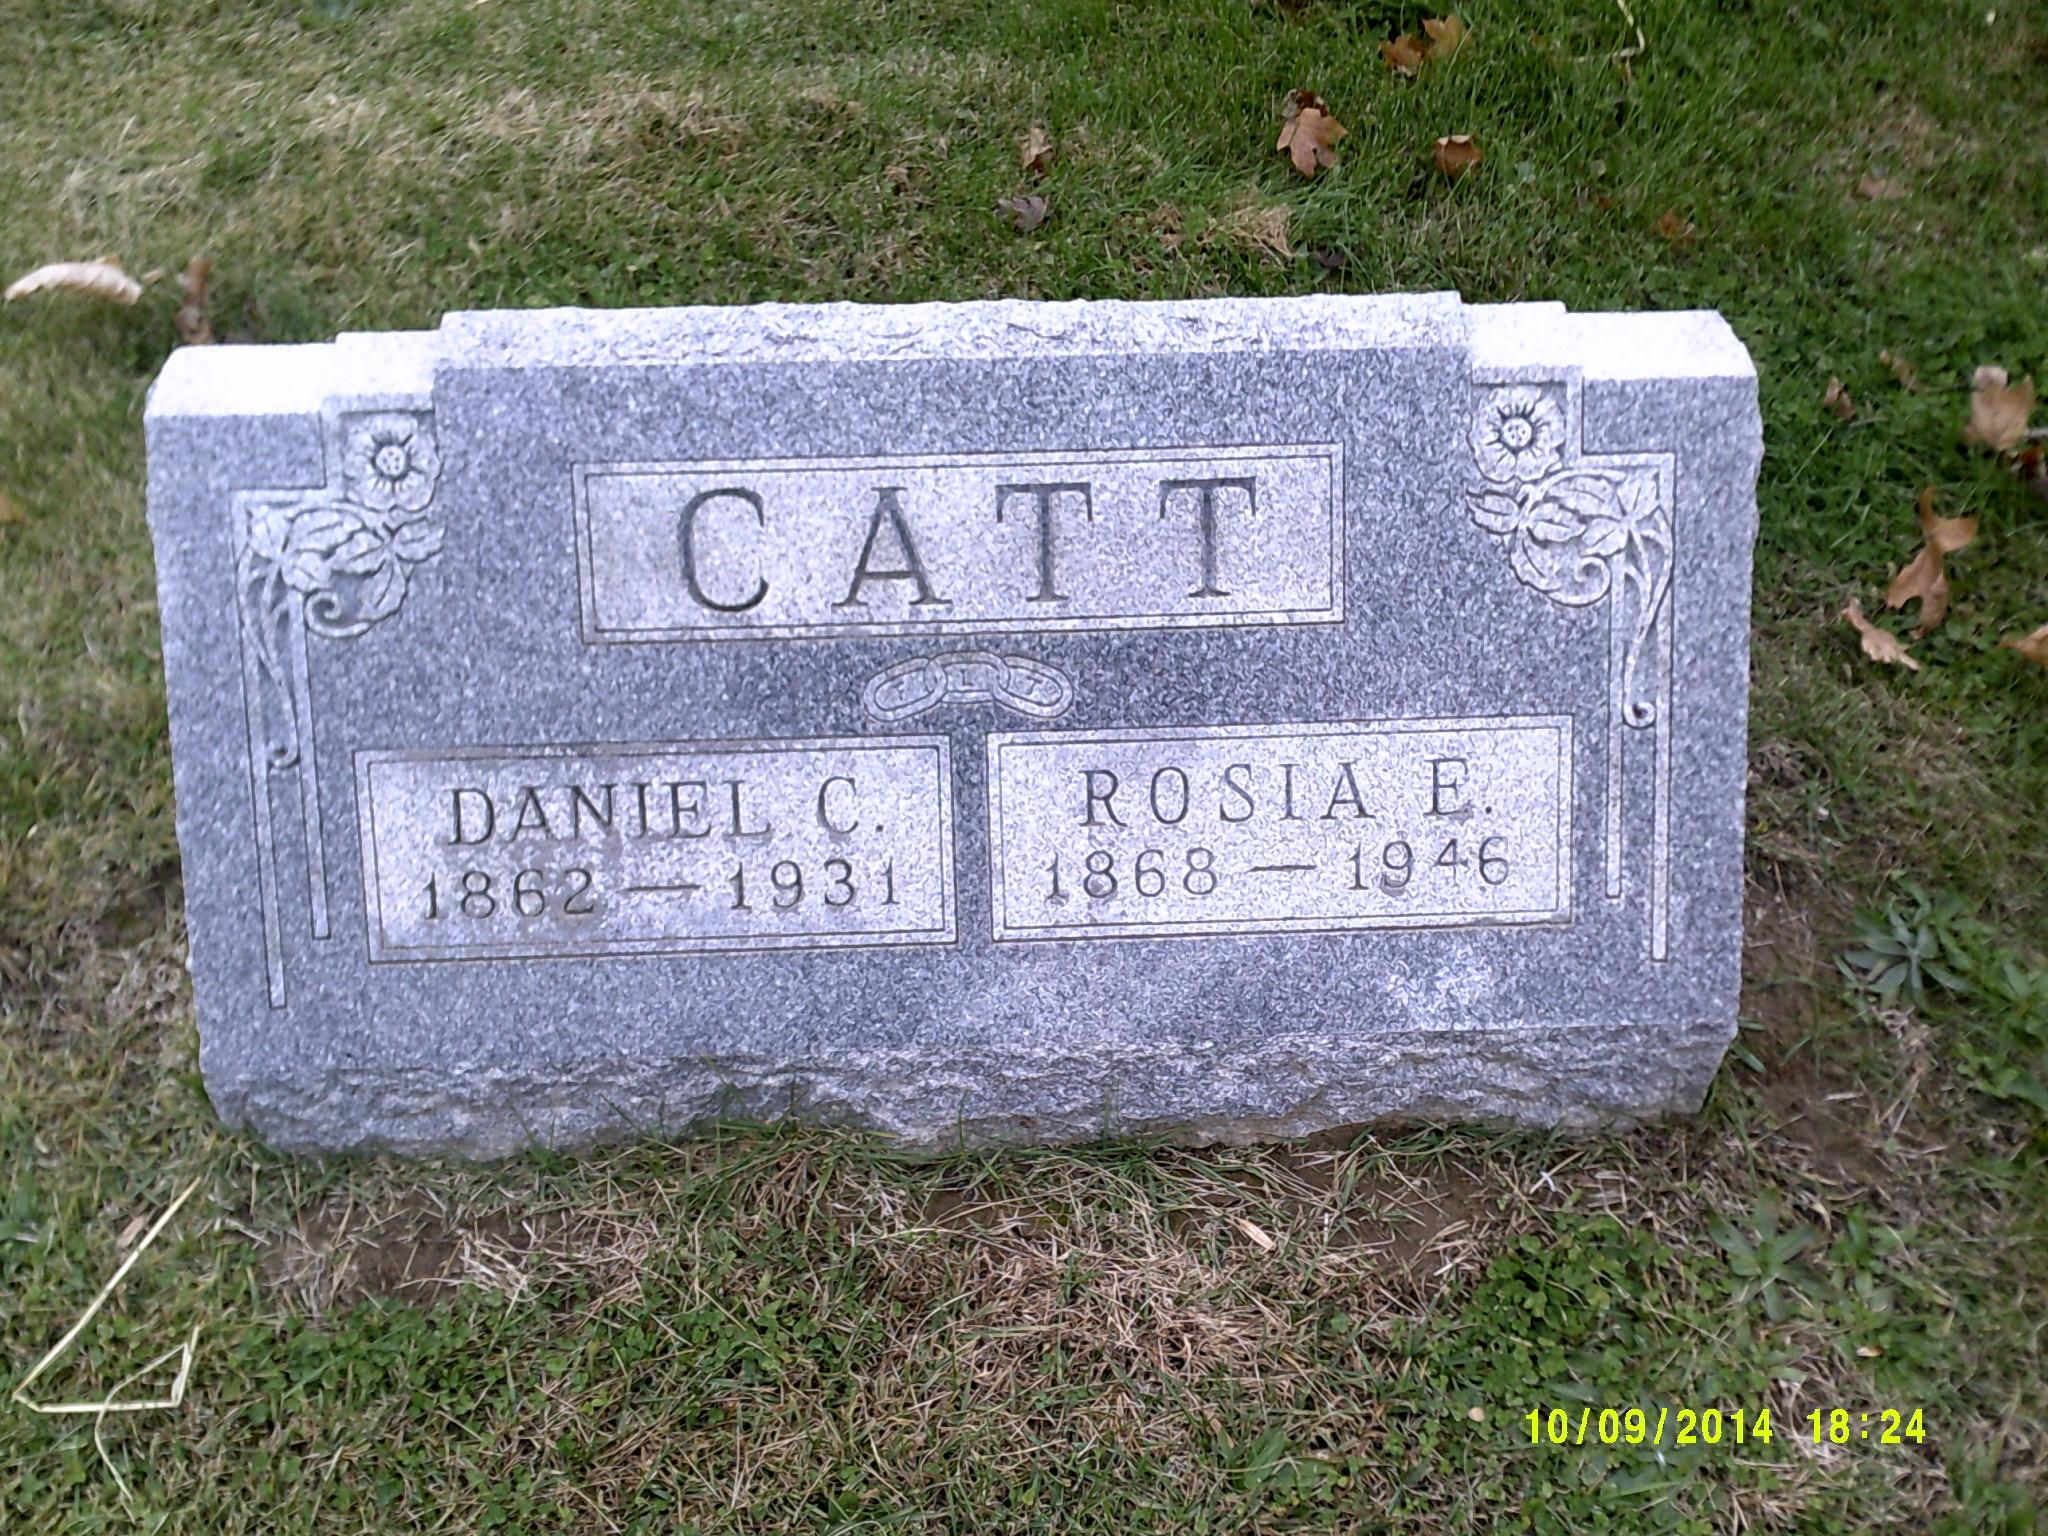 Estelle Catt